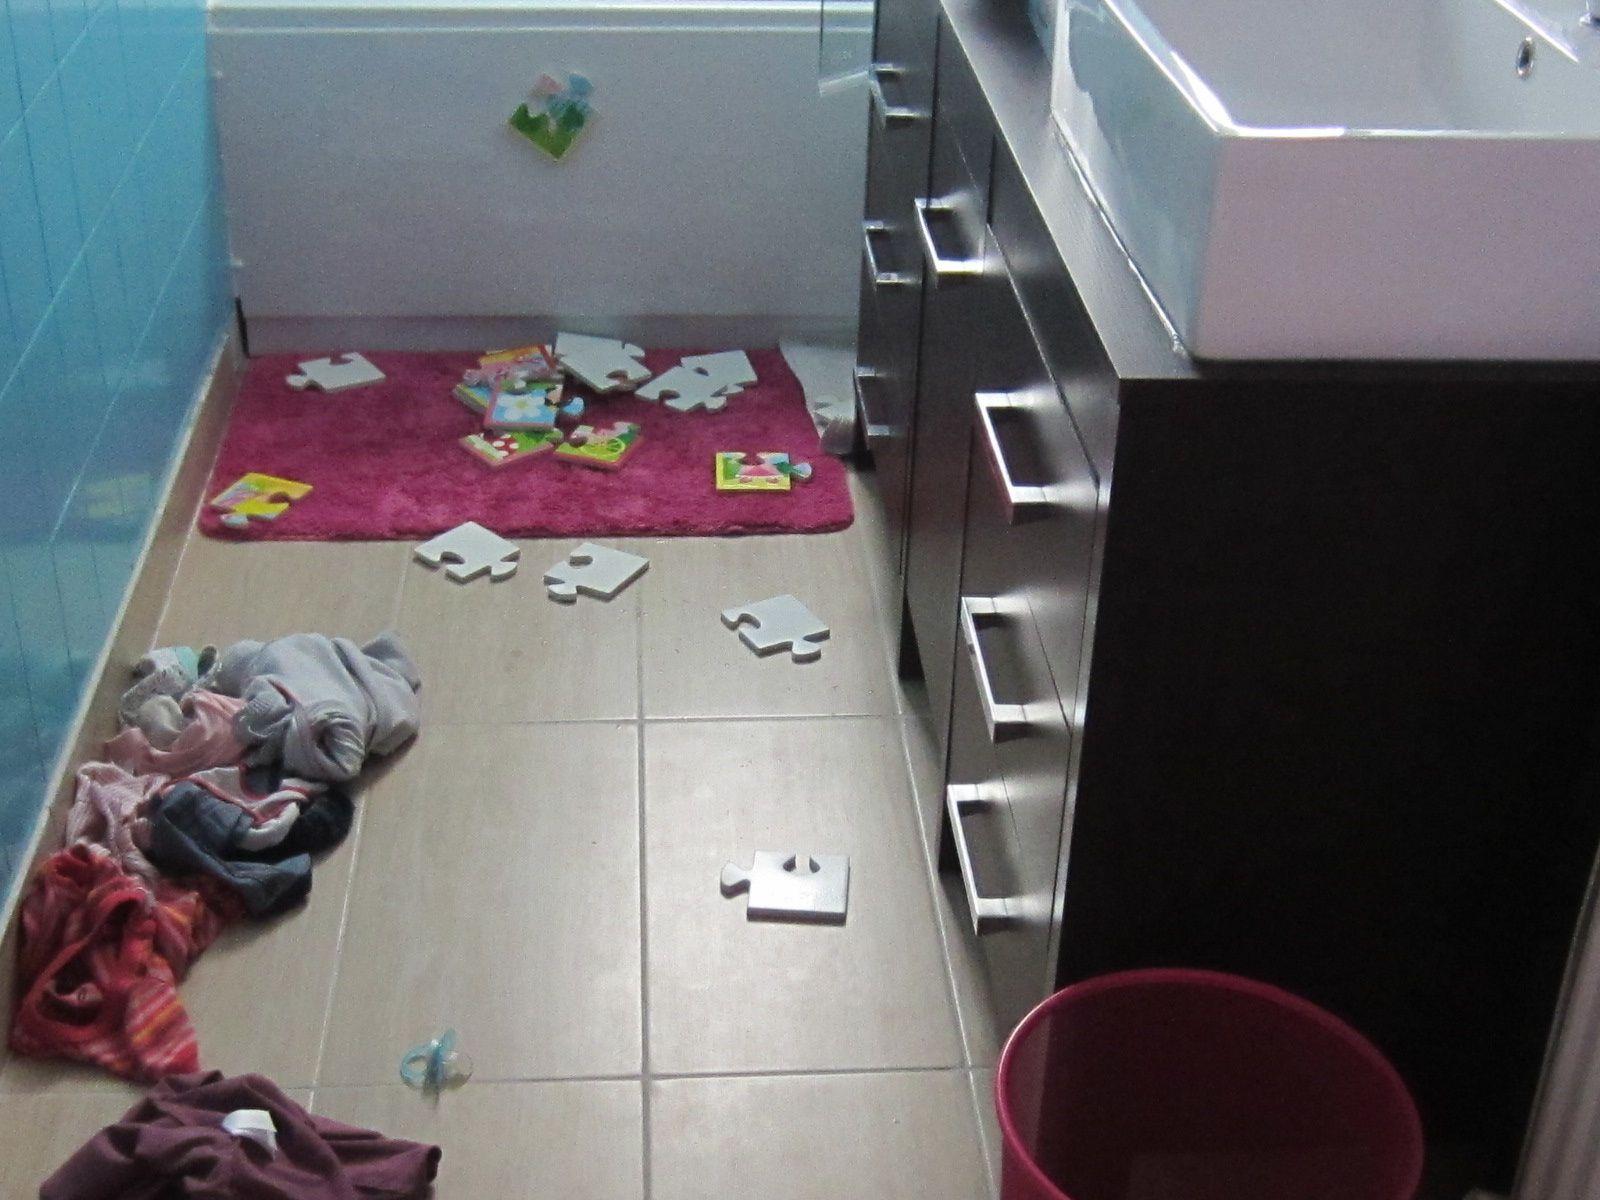 dans tous les cas, vous venez de passer le mercredi après-midi avec vos enfants, la salle de bain n'est qu'un aperçu du restant de la maison &#x3B;) ... et OUI, les jeux ont bel et bien été balancés après avoir été dans l'eau &#x3B;)